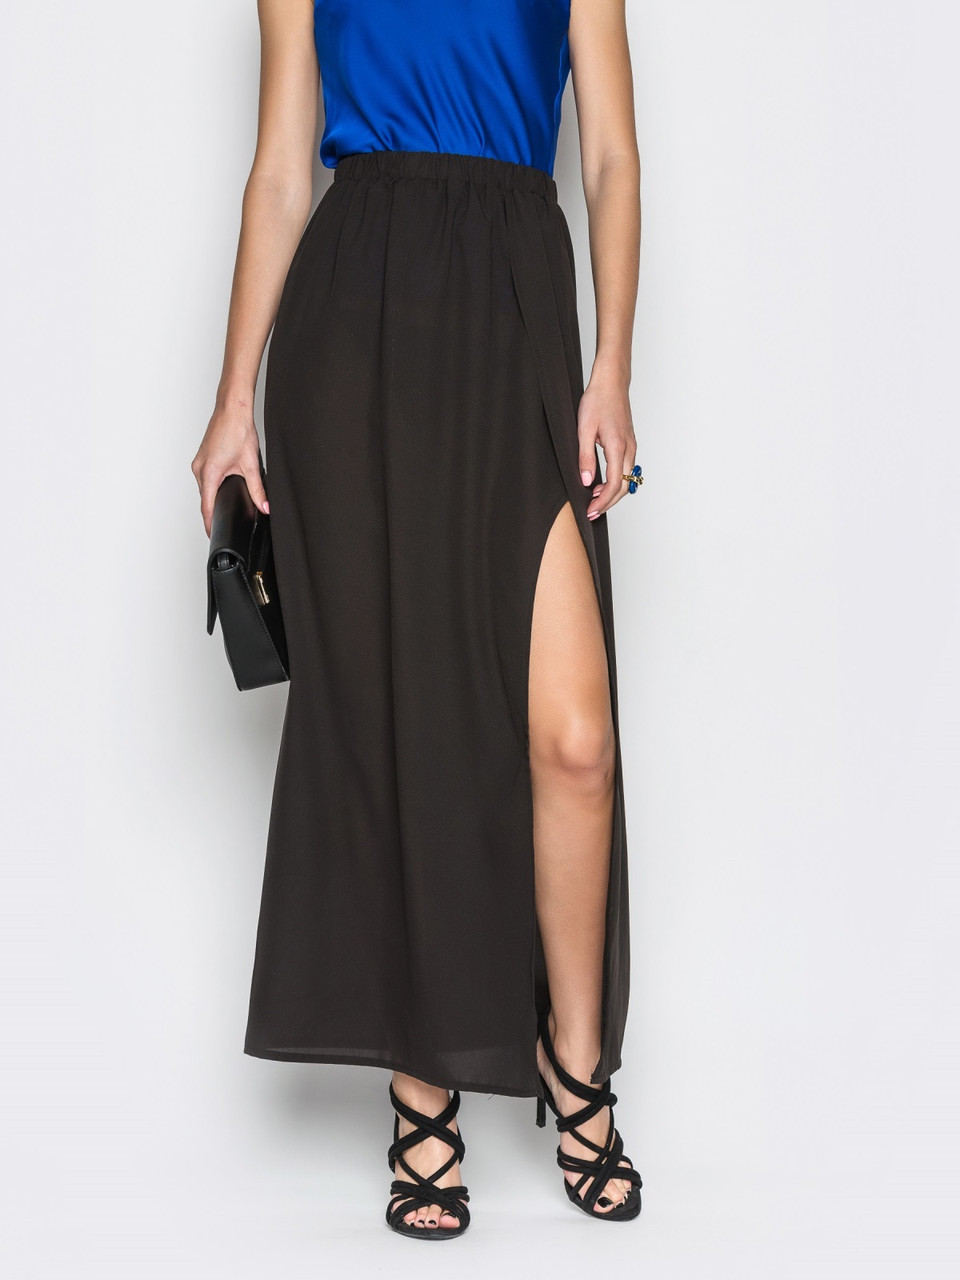 d8a185515bf 💍Черная шифоновая длинная юбка с запахом (с поясом на резинке)   Размер 44